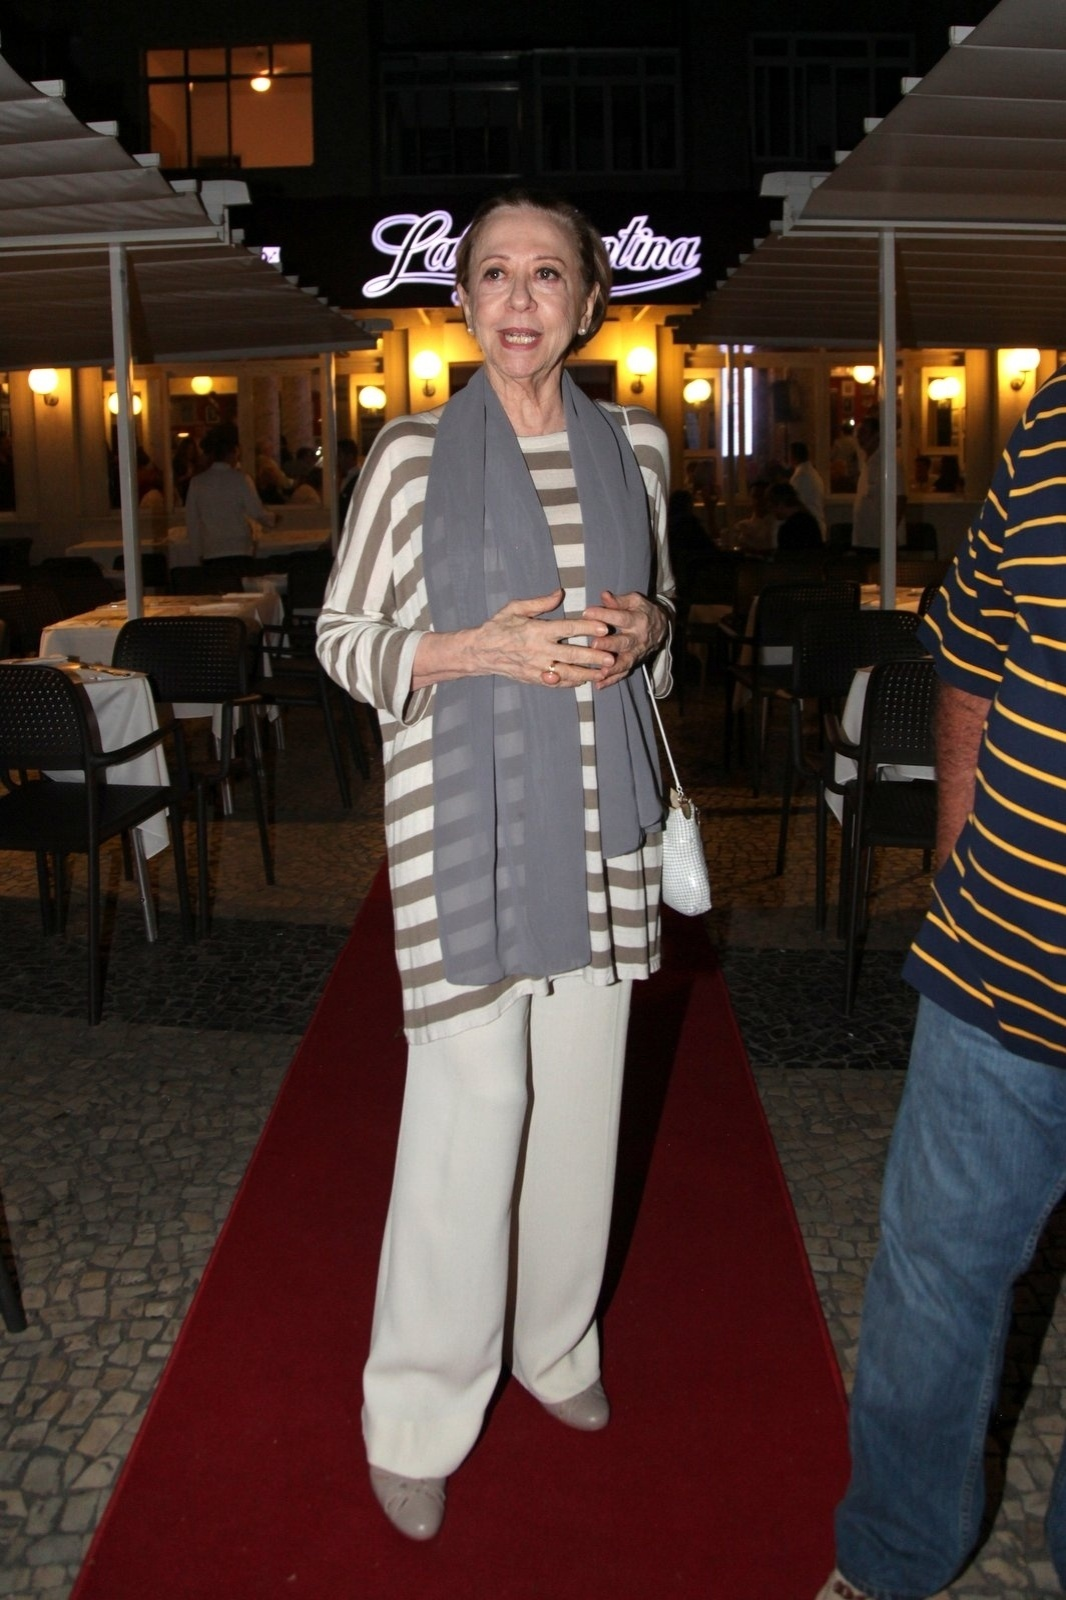 8.dez.2014 - Fernanda Montenegro comparece à comemoração de 79 anos de Boni que reuniu vários famosos em um restaurante em Copacabana, na zona sul do Rio de Janeiro, nesta segunda-feira